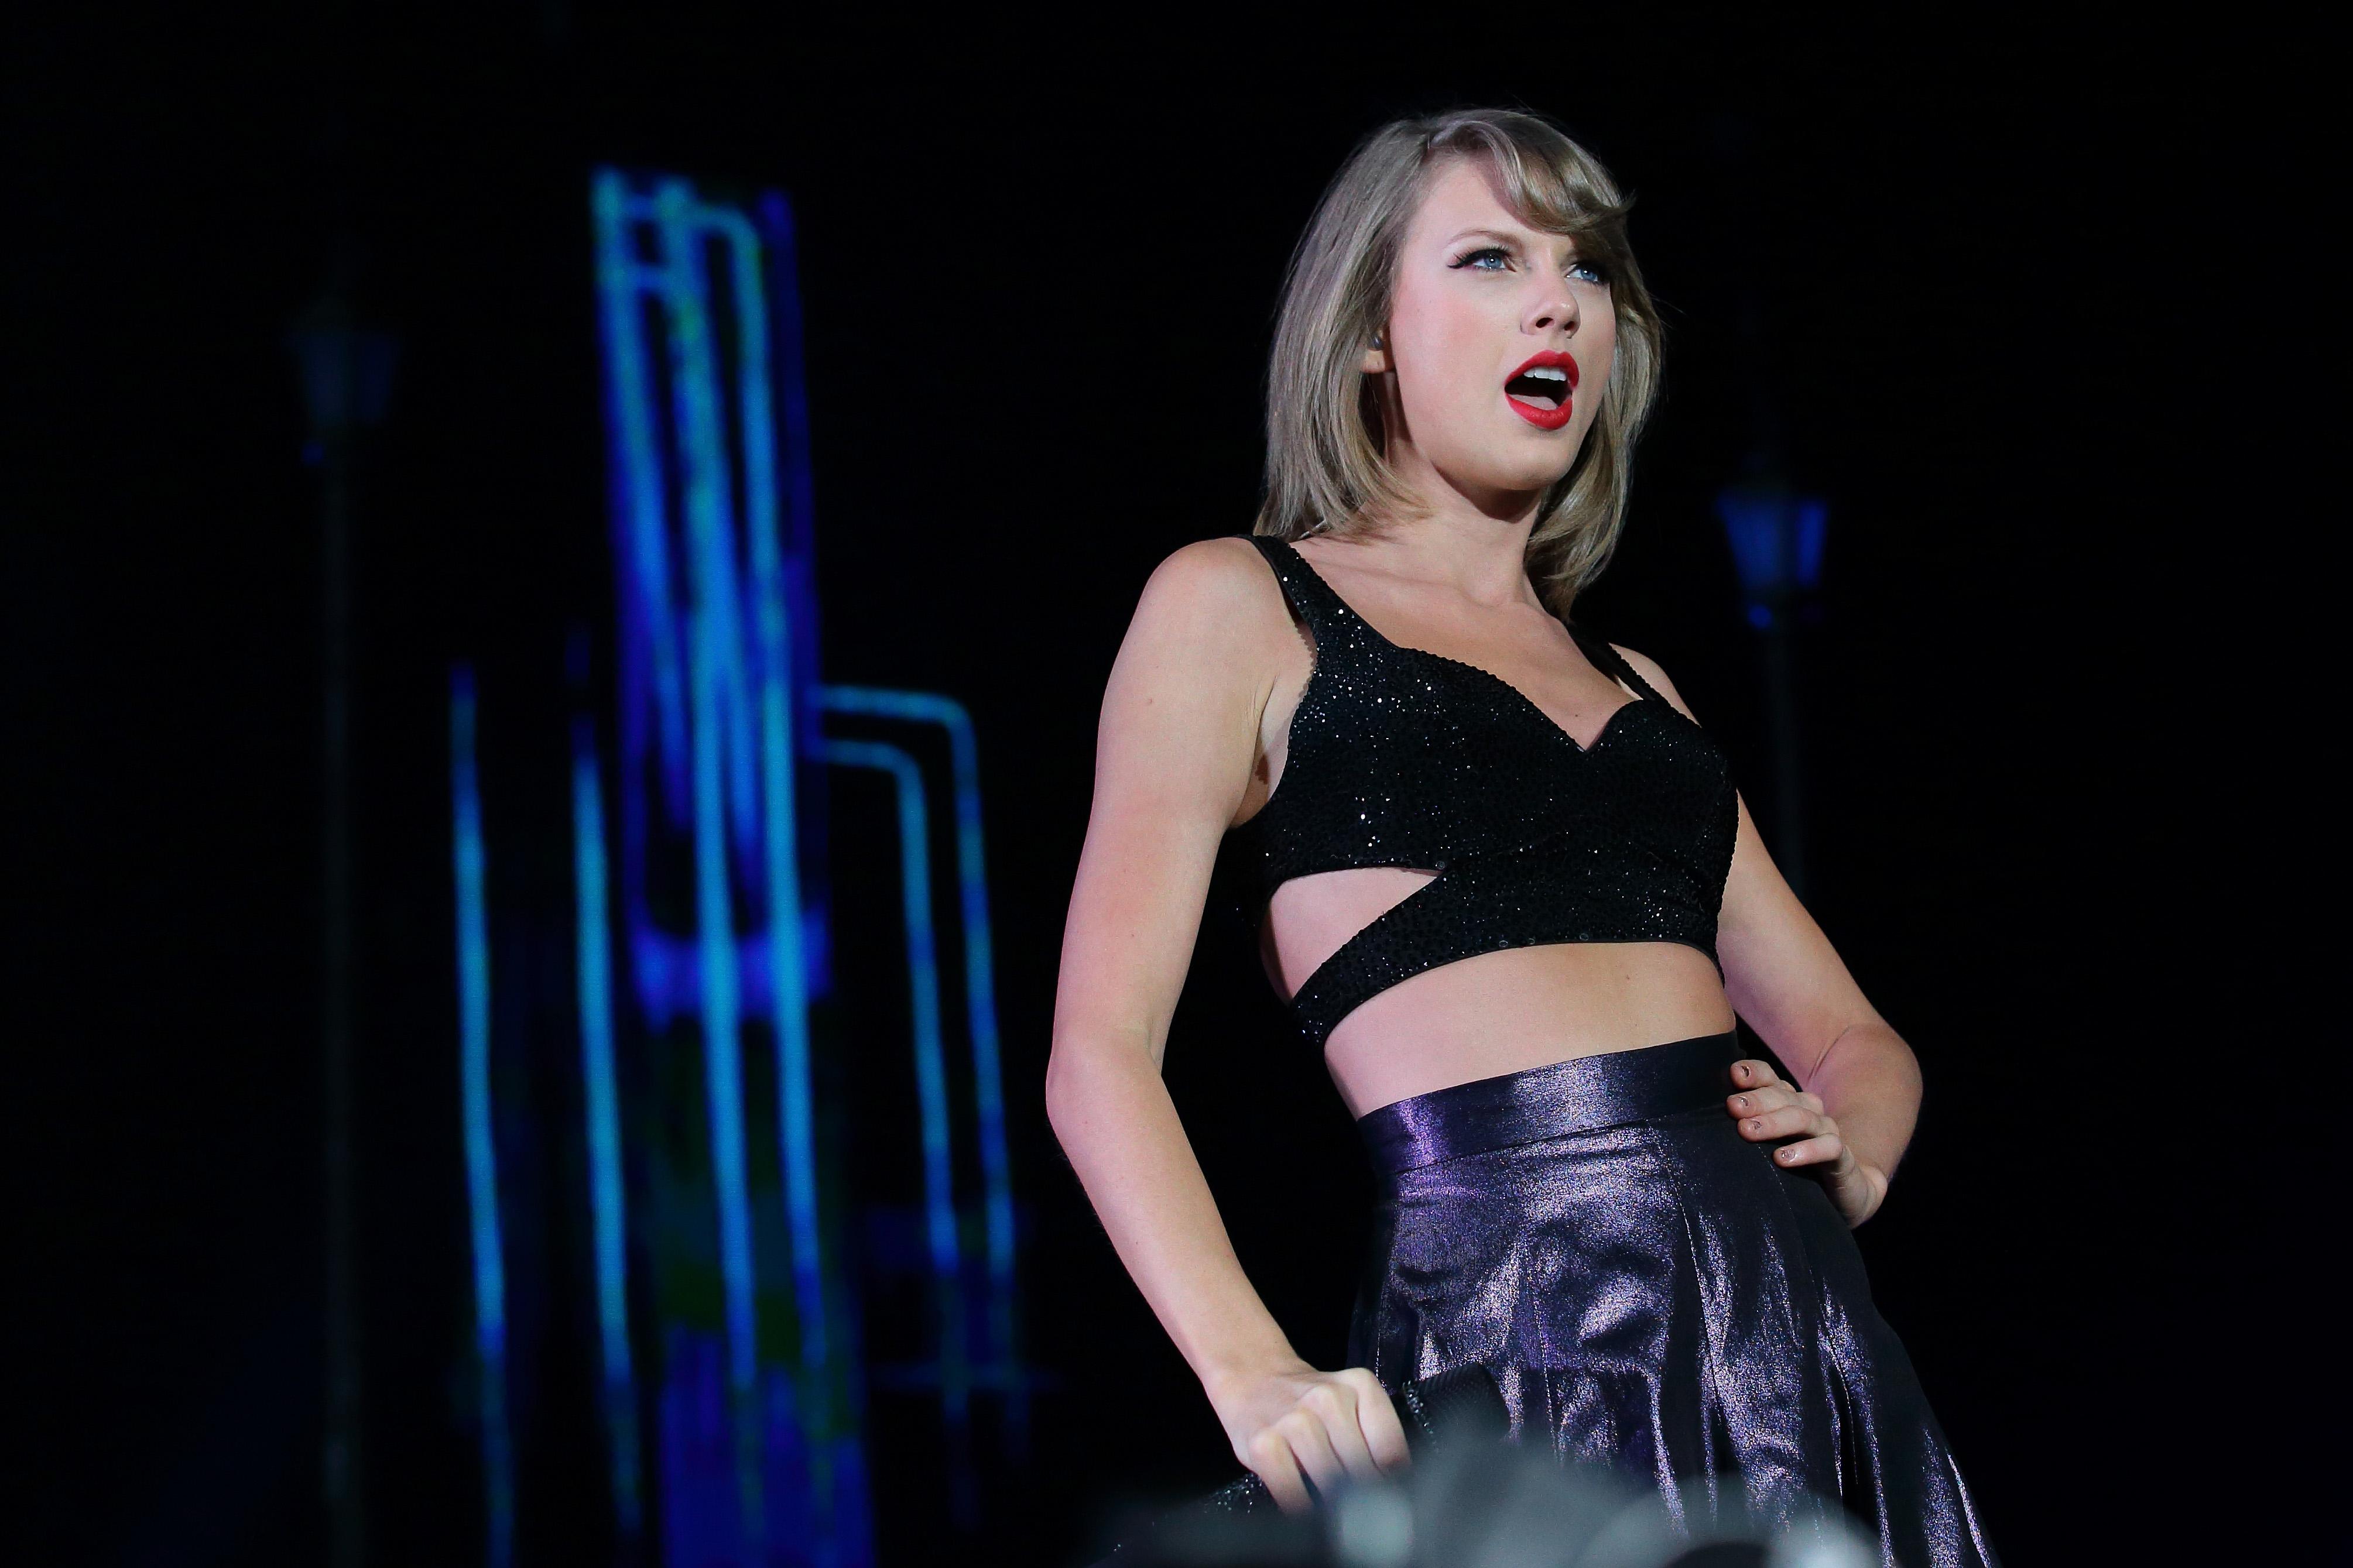 Taylor Swift 2017, HD 4K Wallpaper